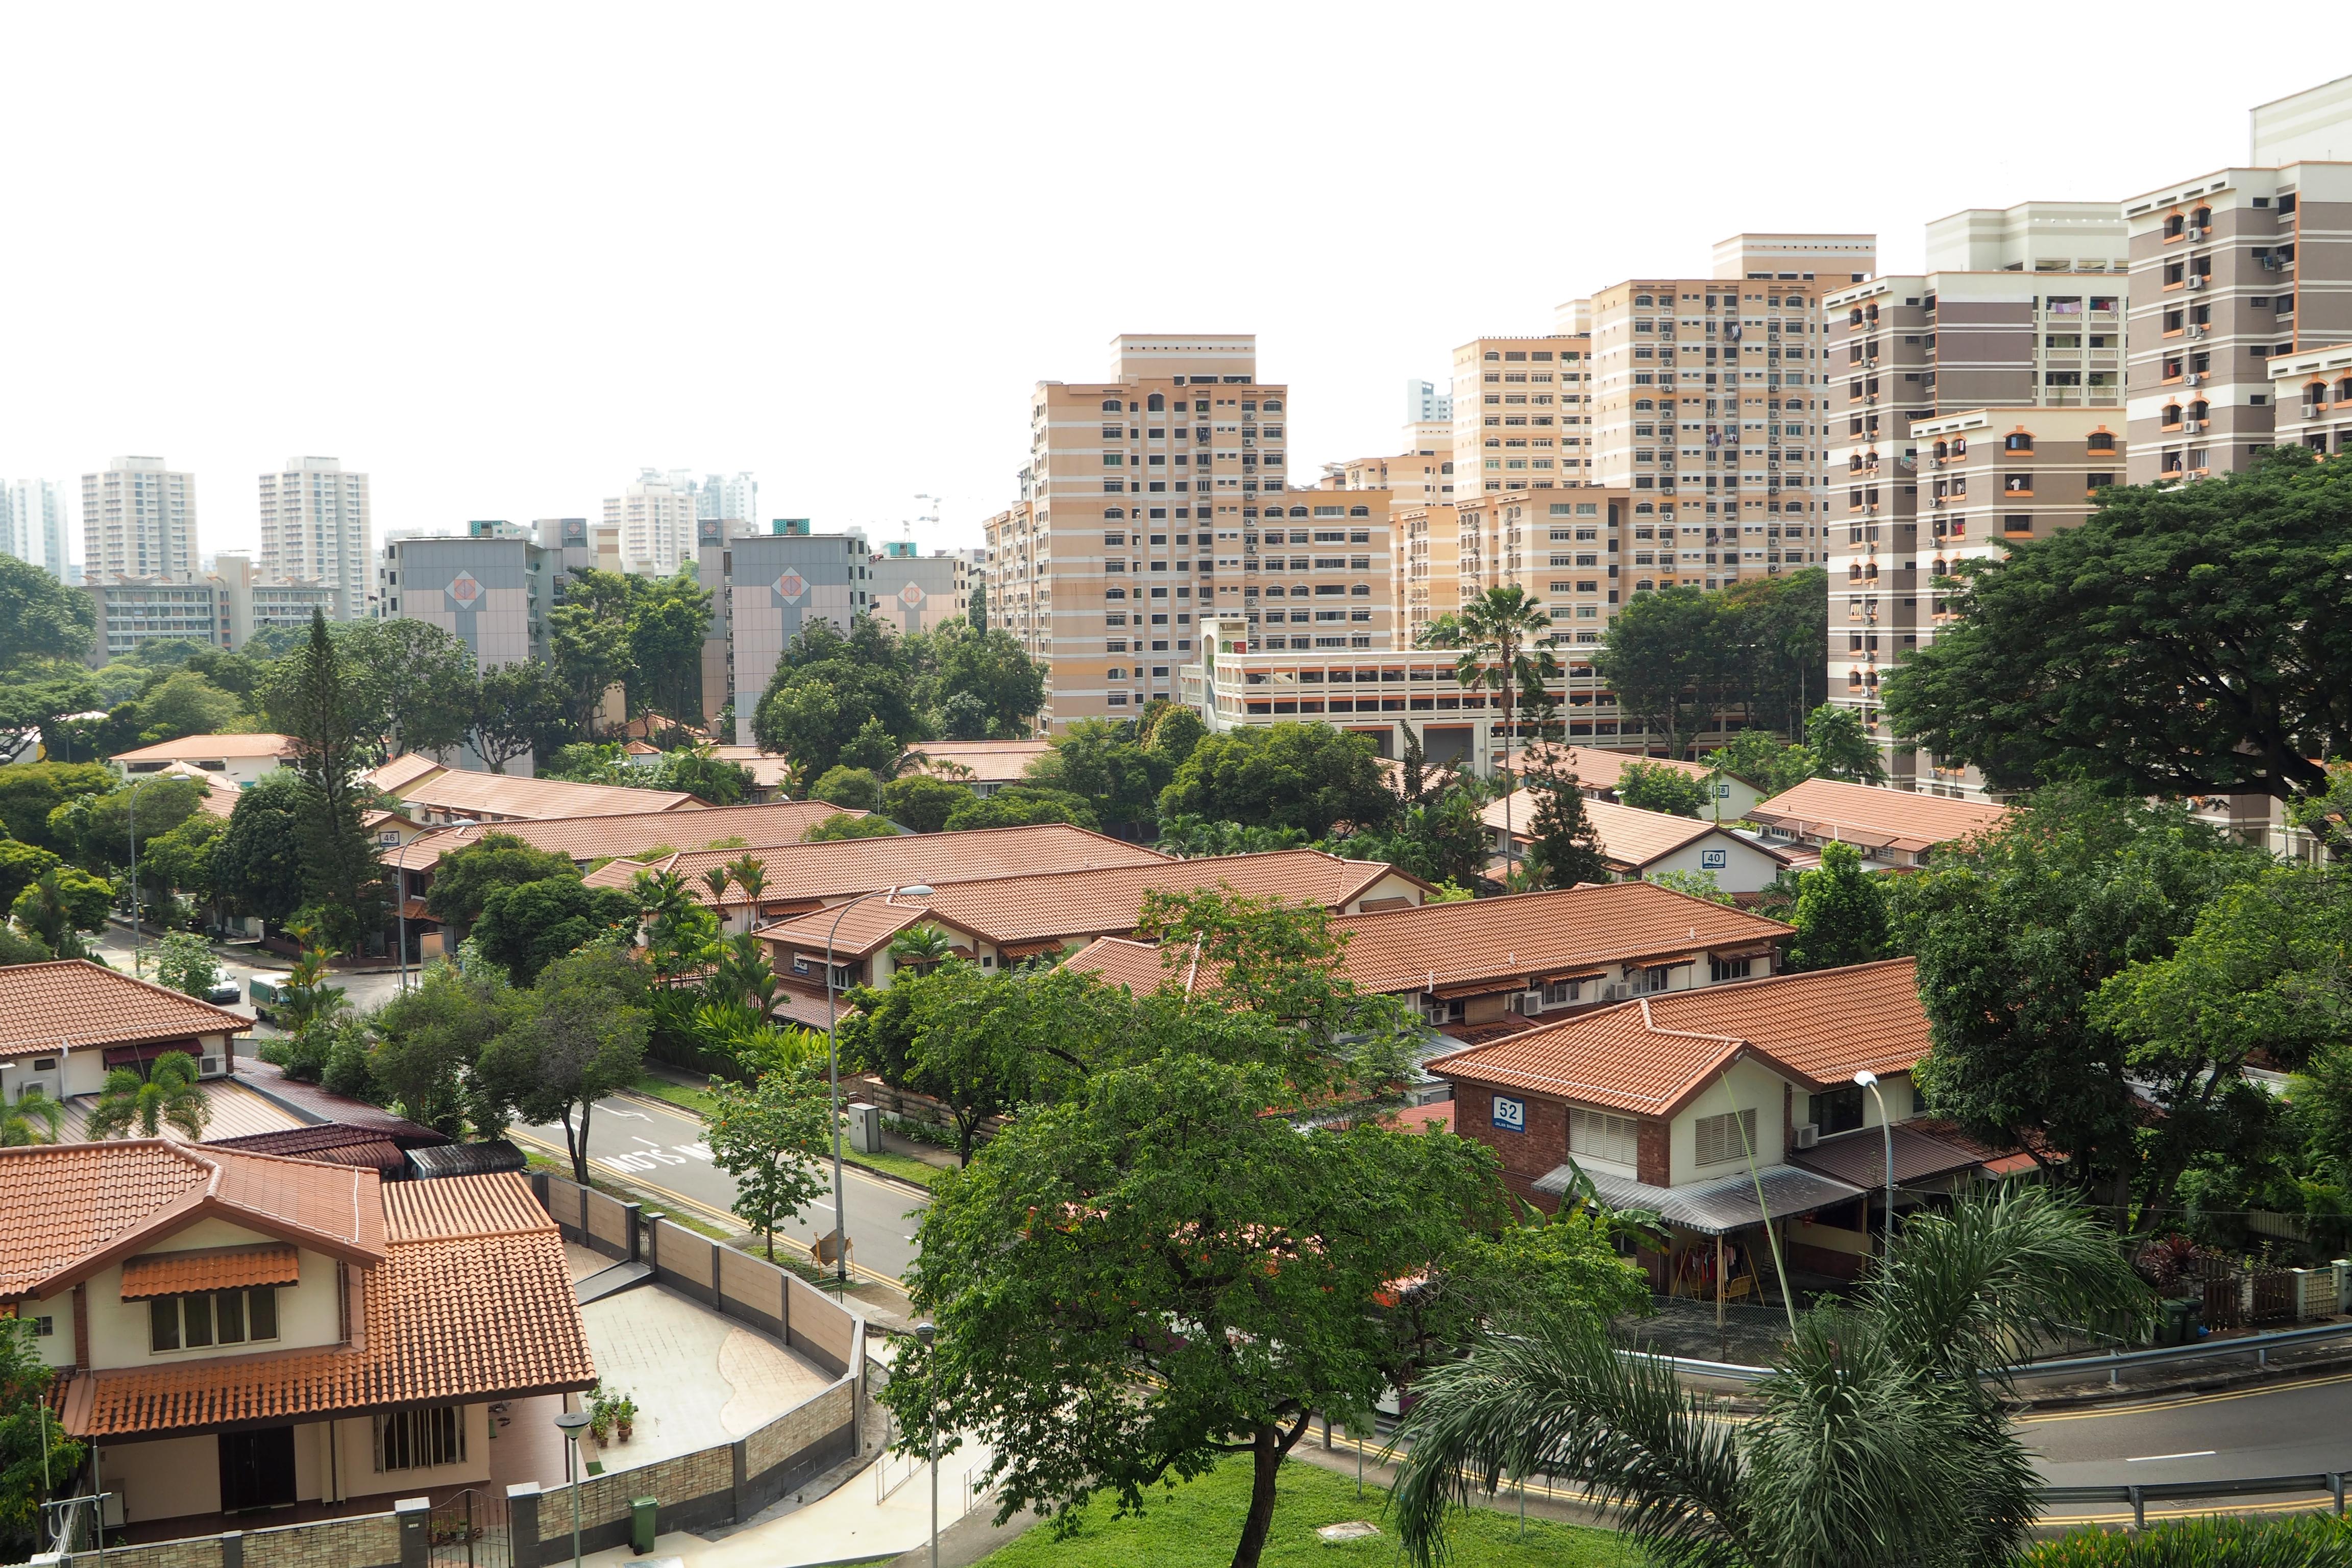 Jalan Bahagia Singapore HDB Terrace Houses - EDGEPROP SINGAPORE